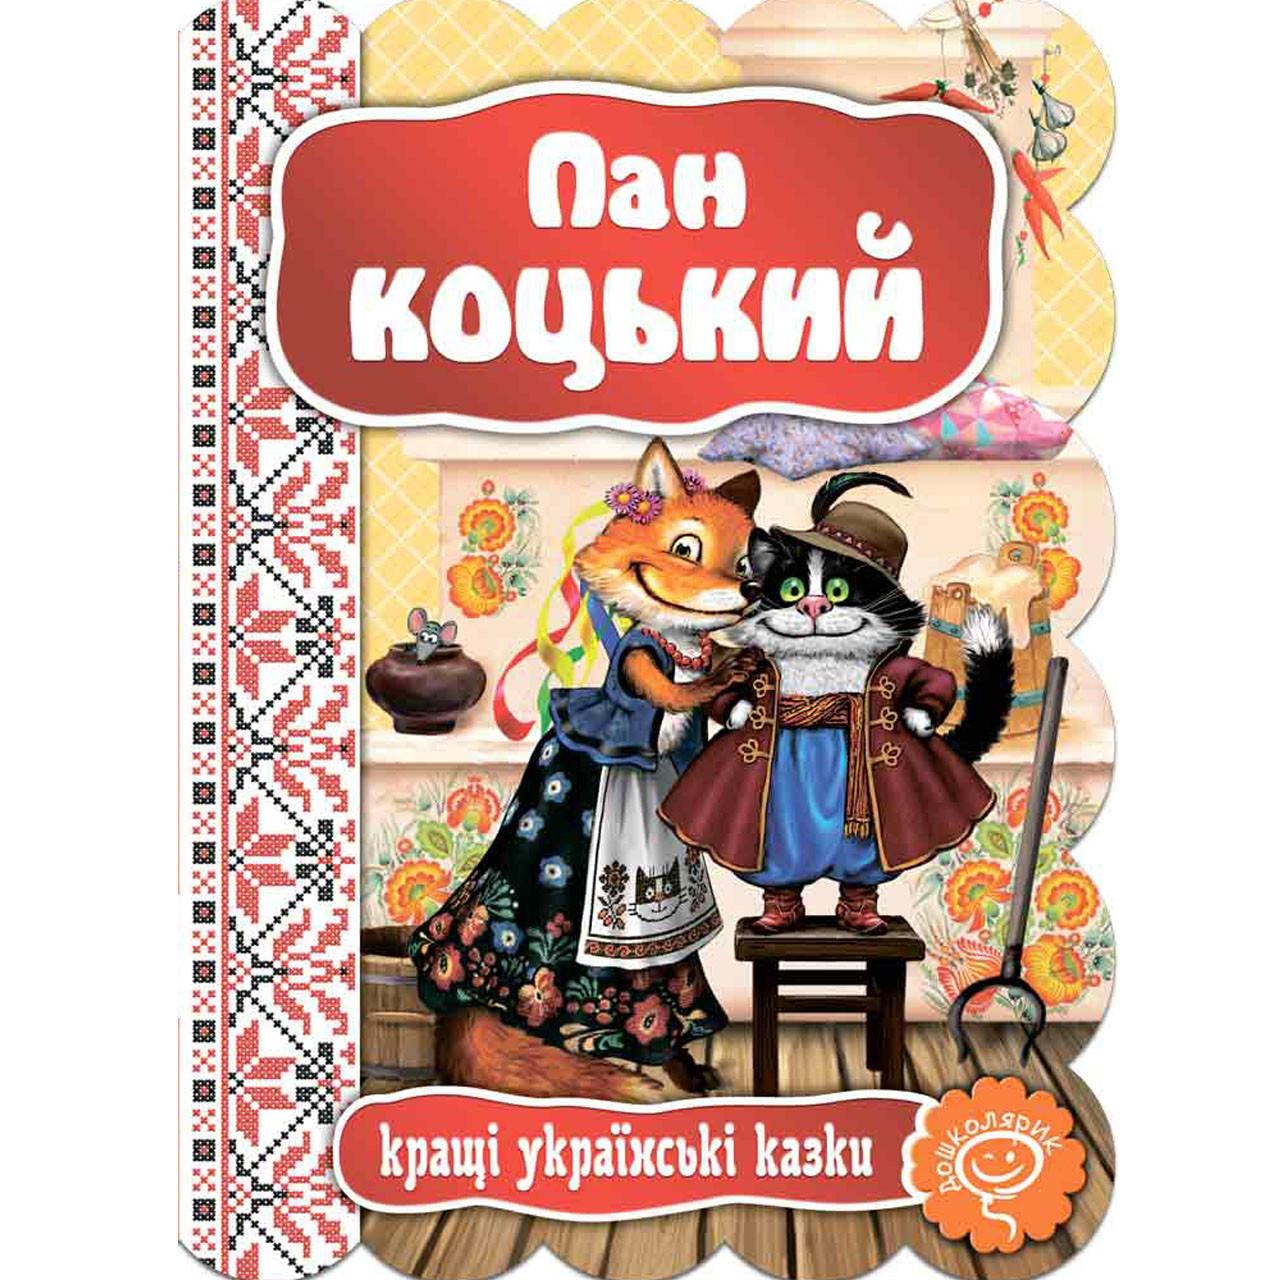 Кращі українські казки Пан Коцький Вид: Школа